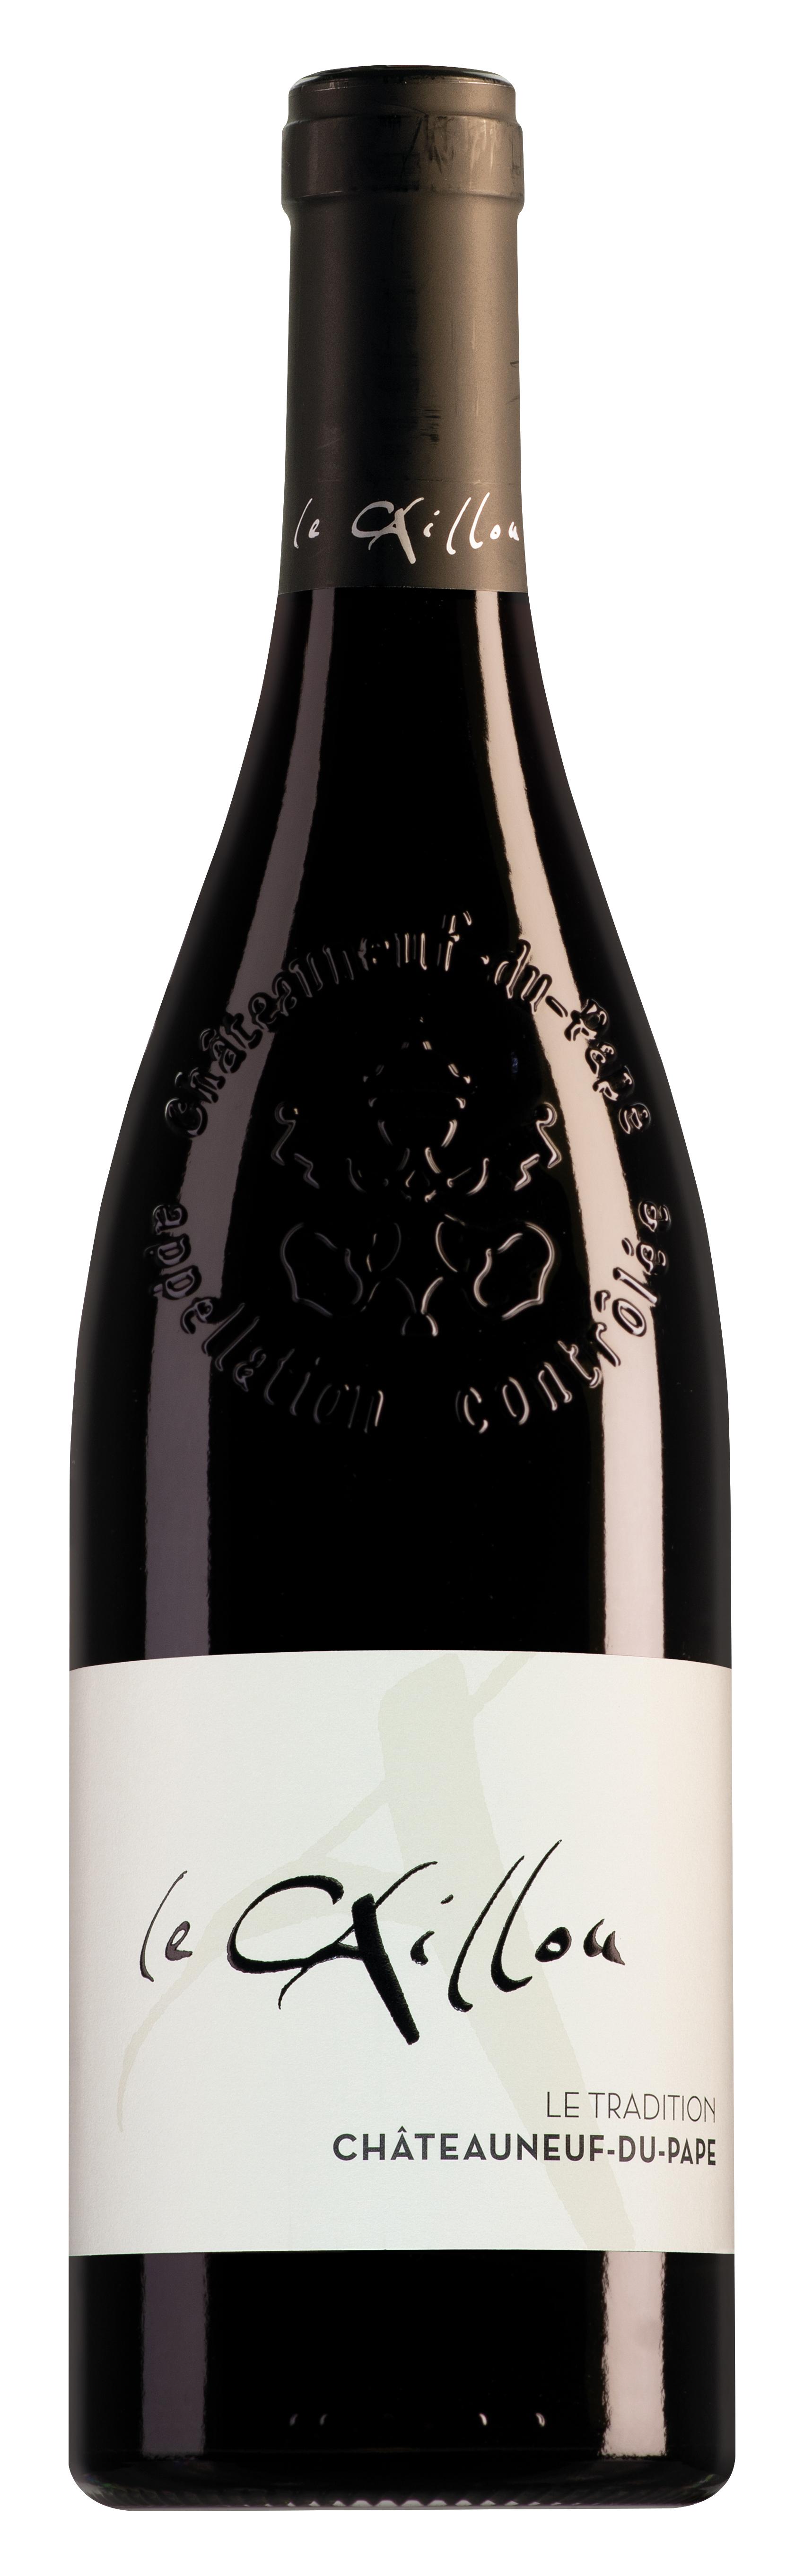 Le Clos du Caillou Châteauneuf-du-Pape Le Caillou Le Tradition